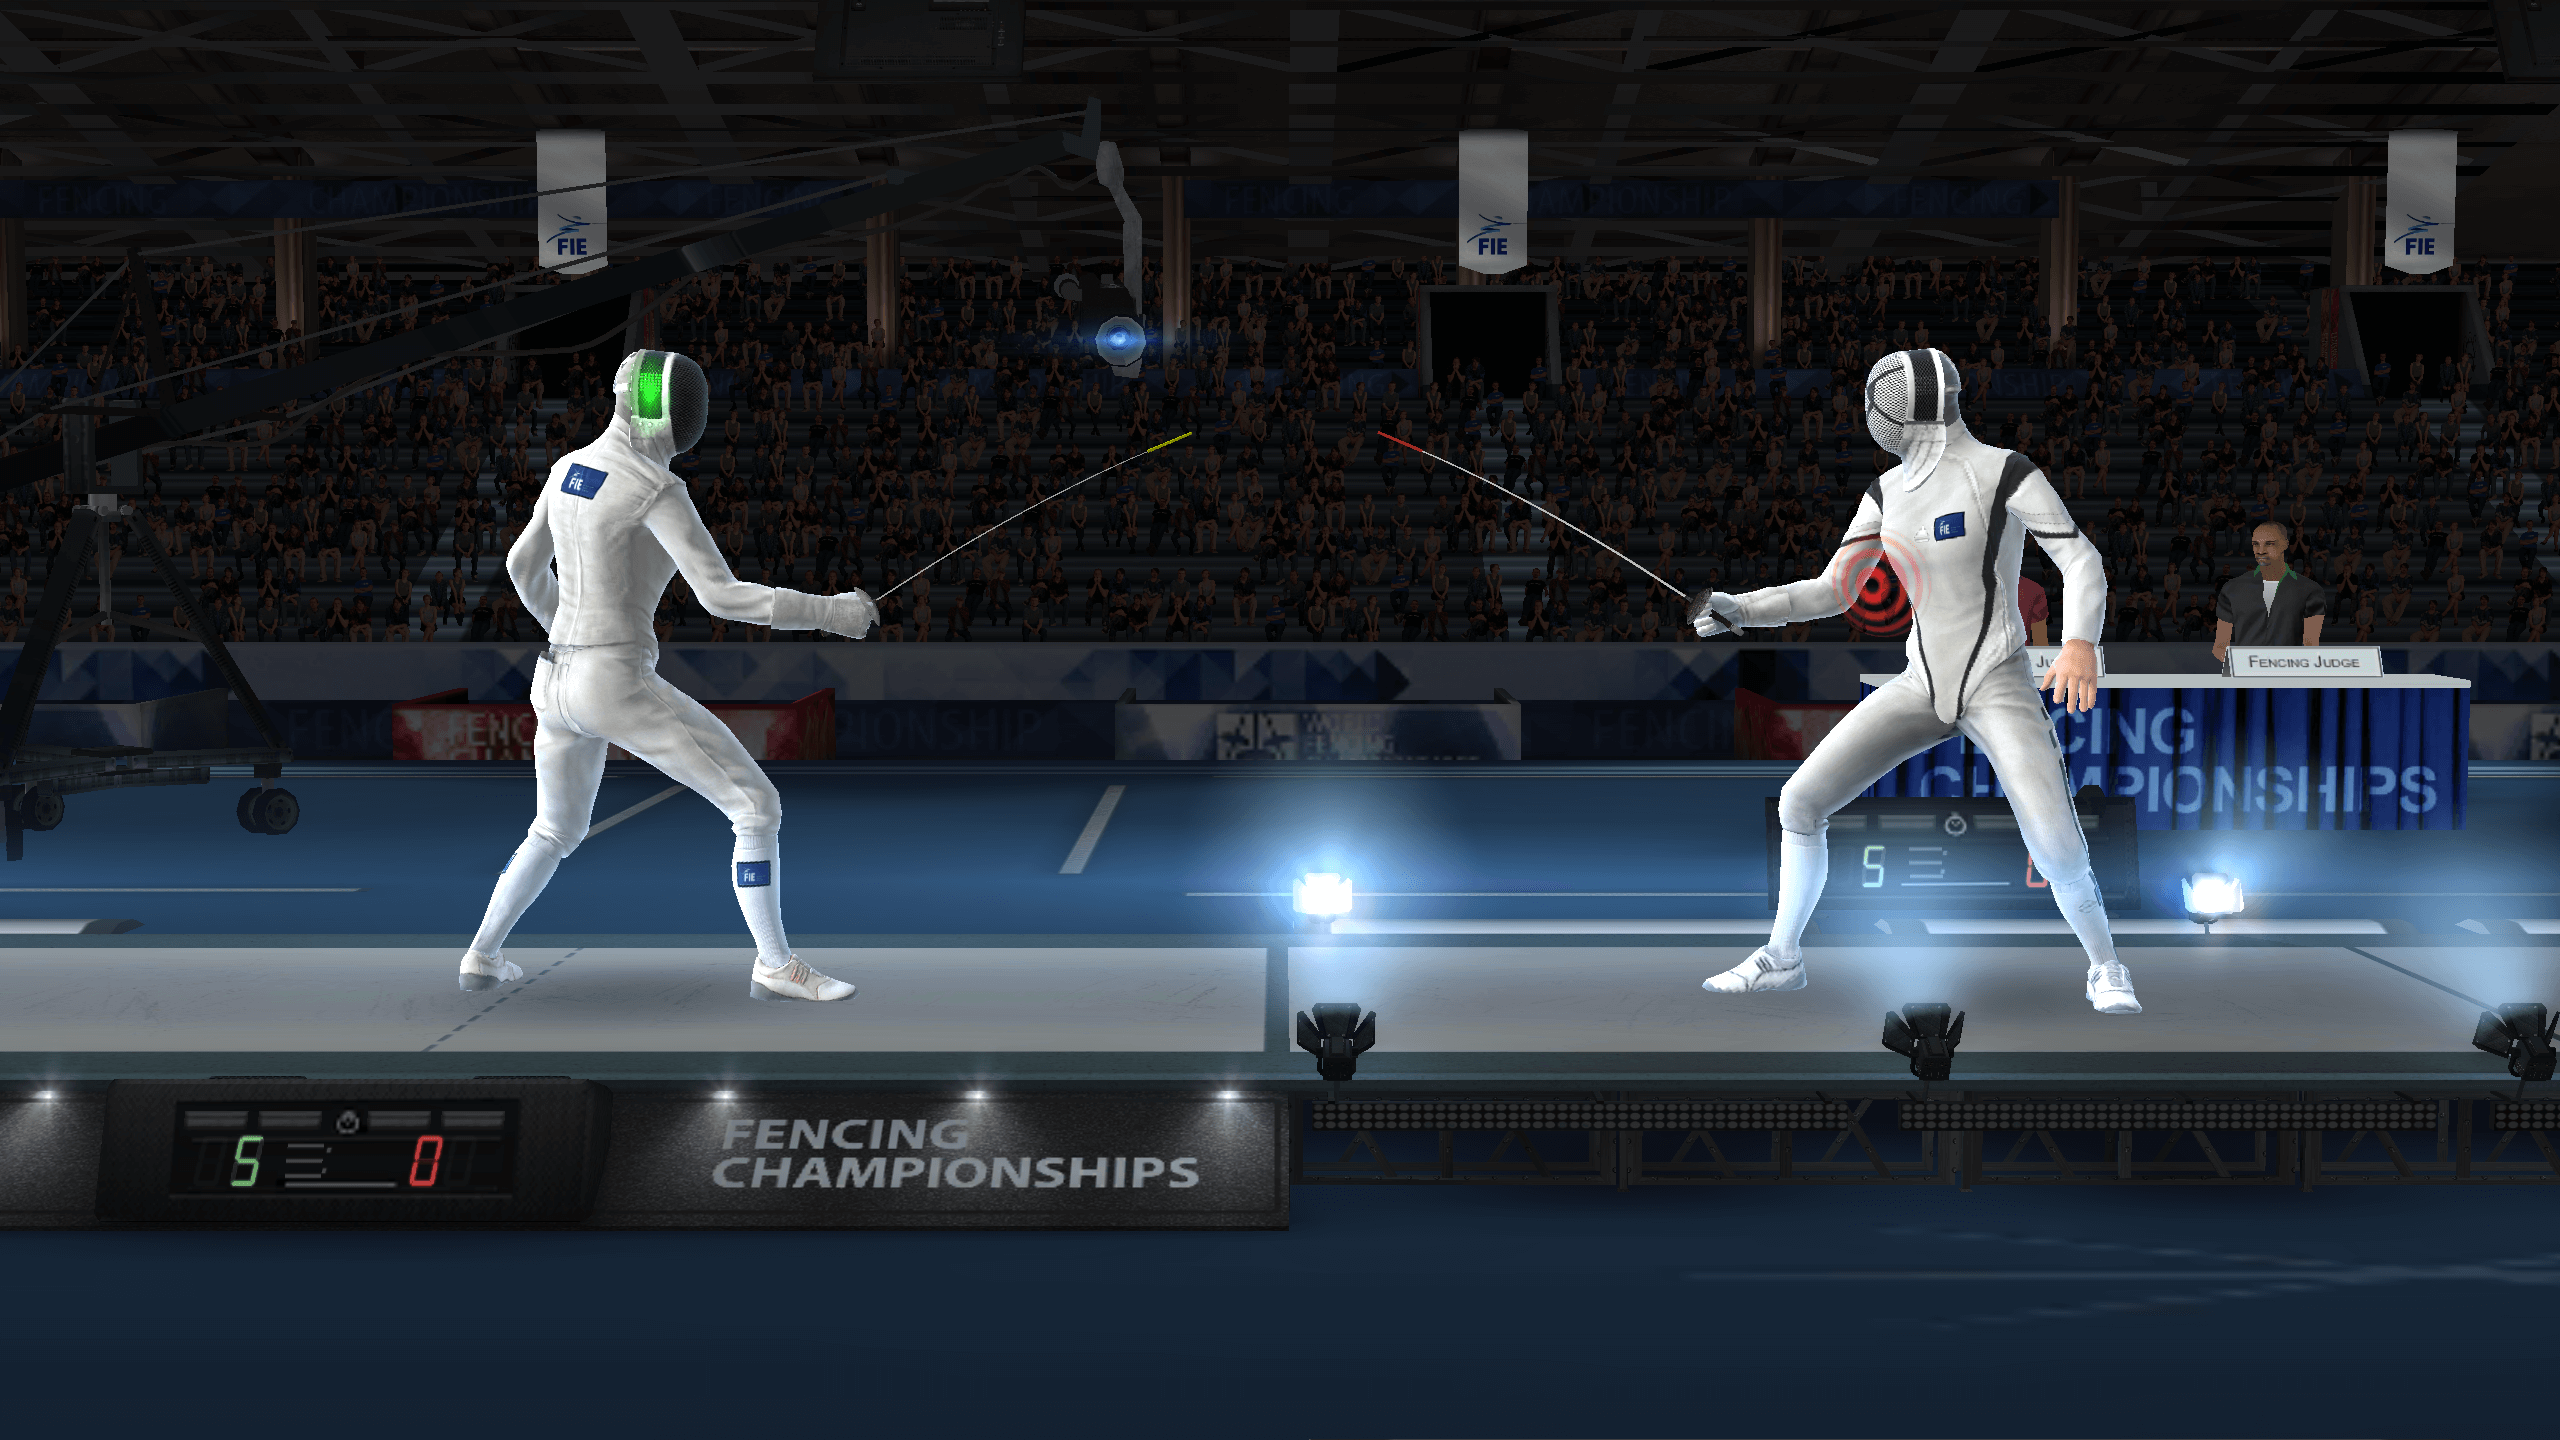 FIE Swordplay - první mobilní hra o sportovním šermování